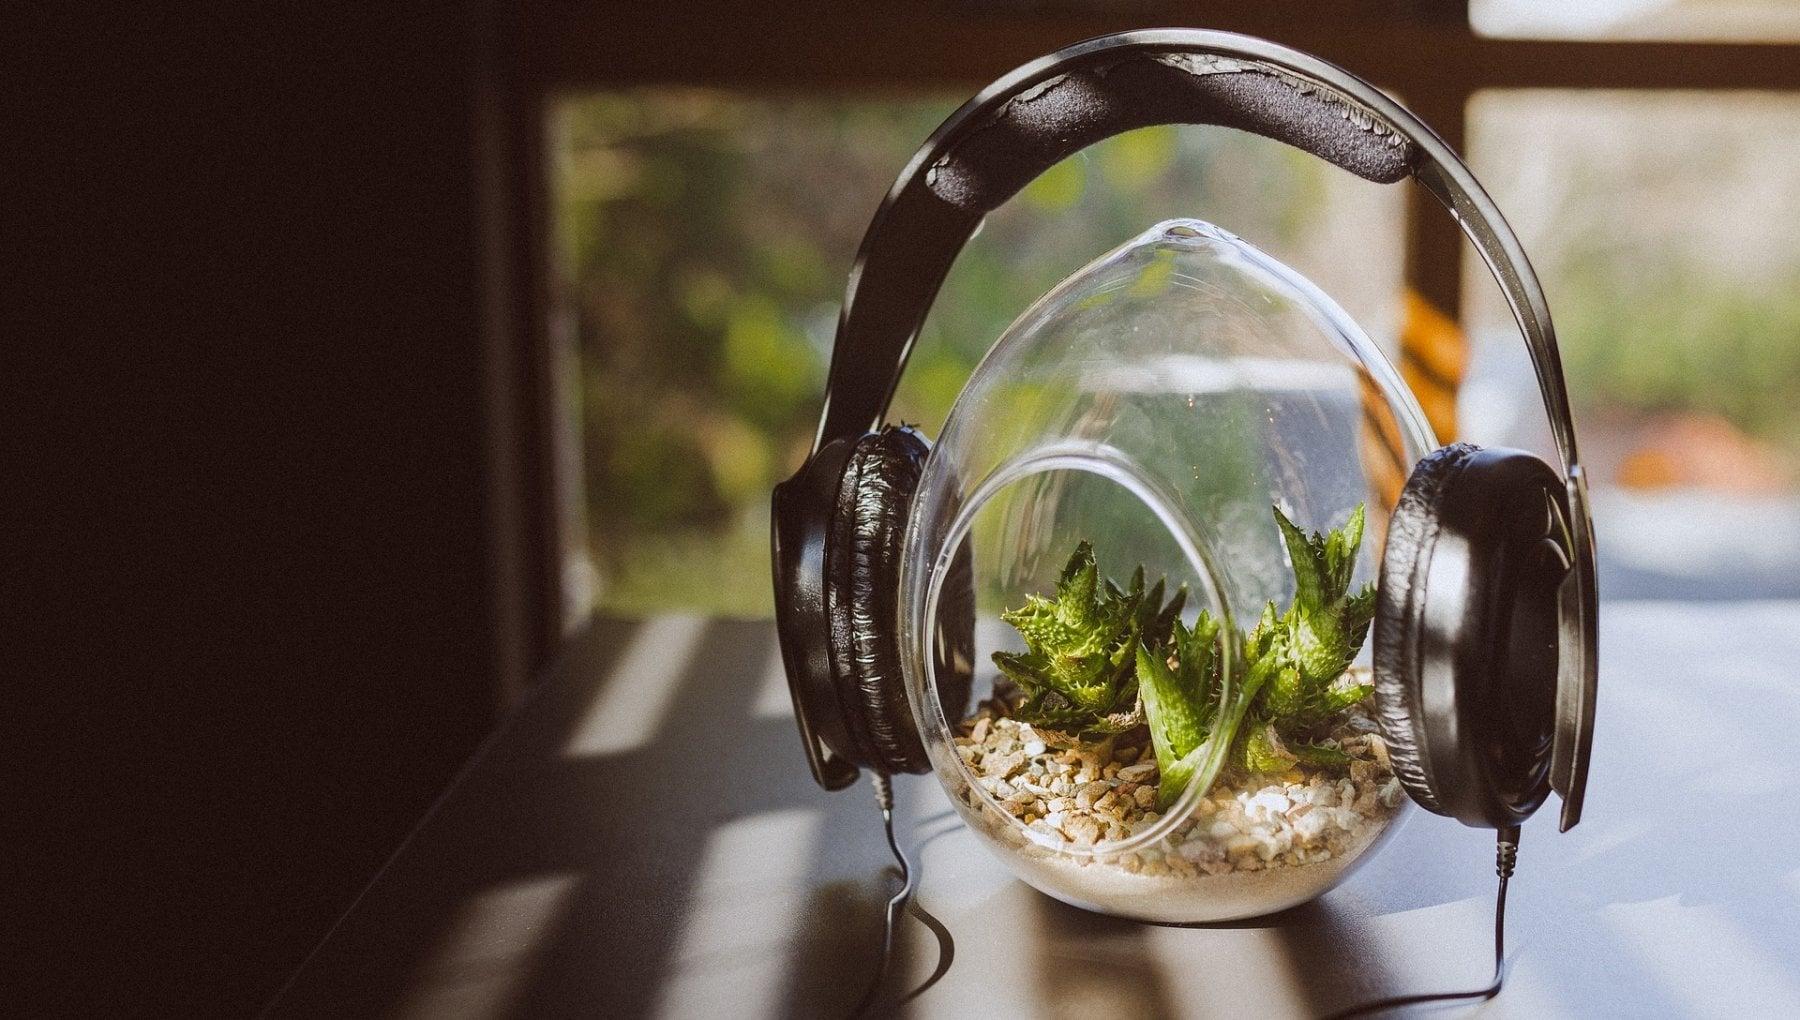 La musica che piace alle piante? Vince pop